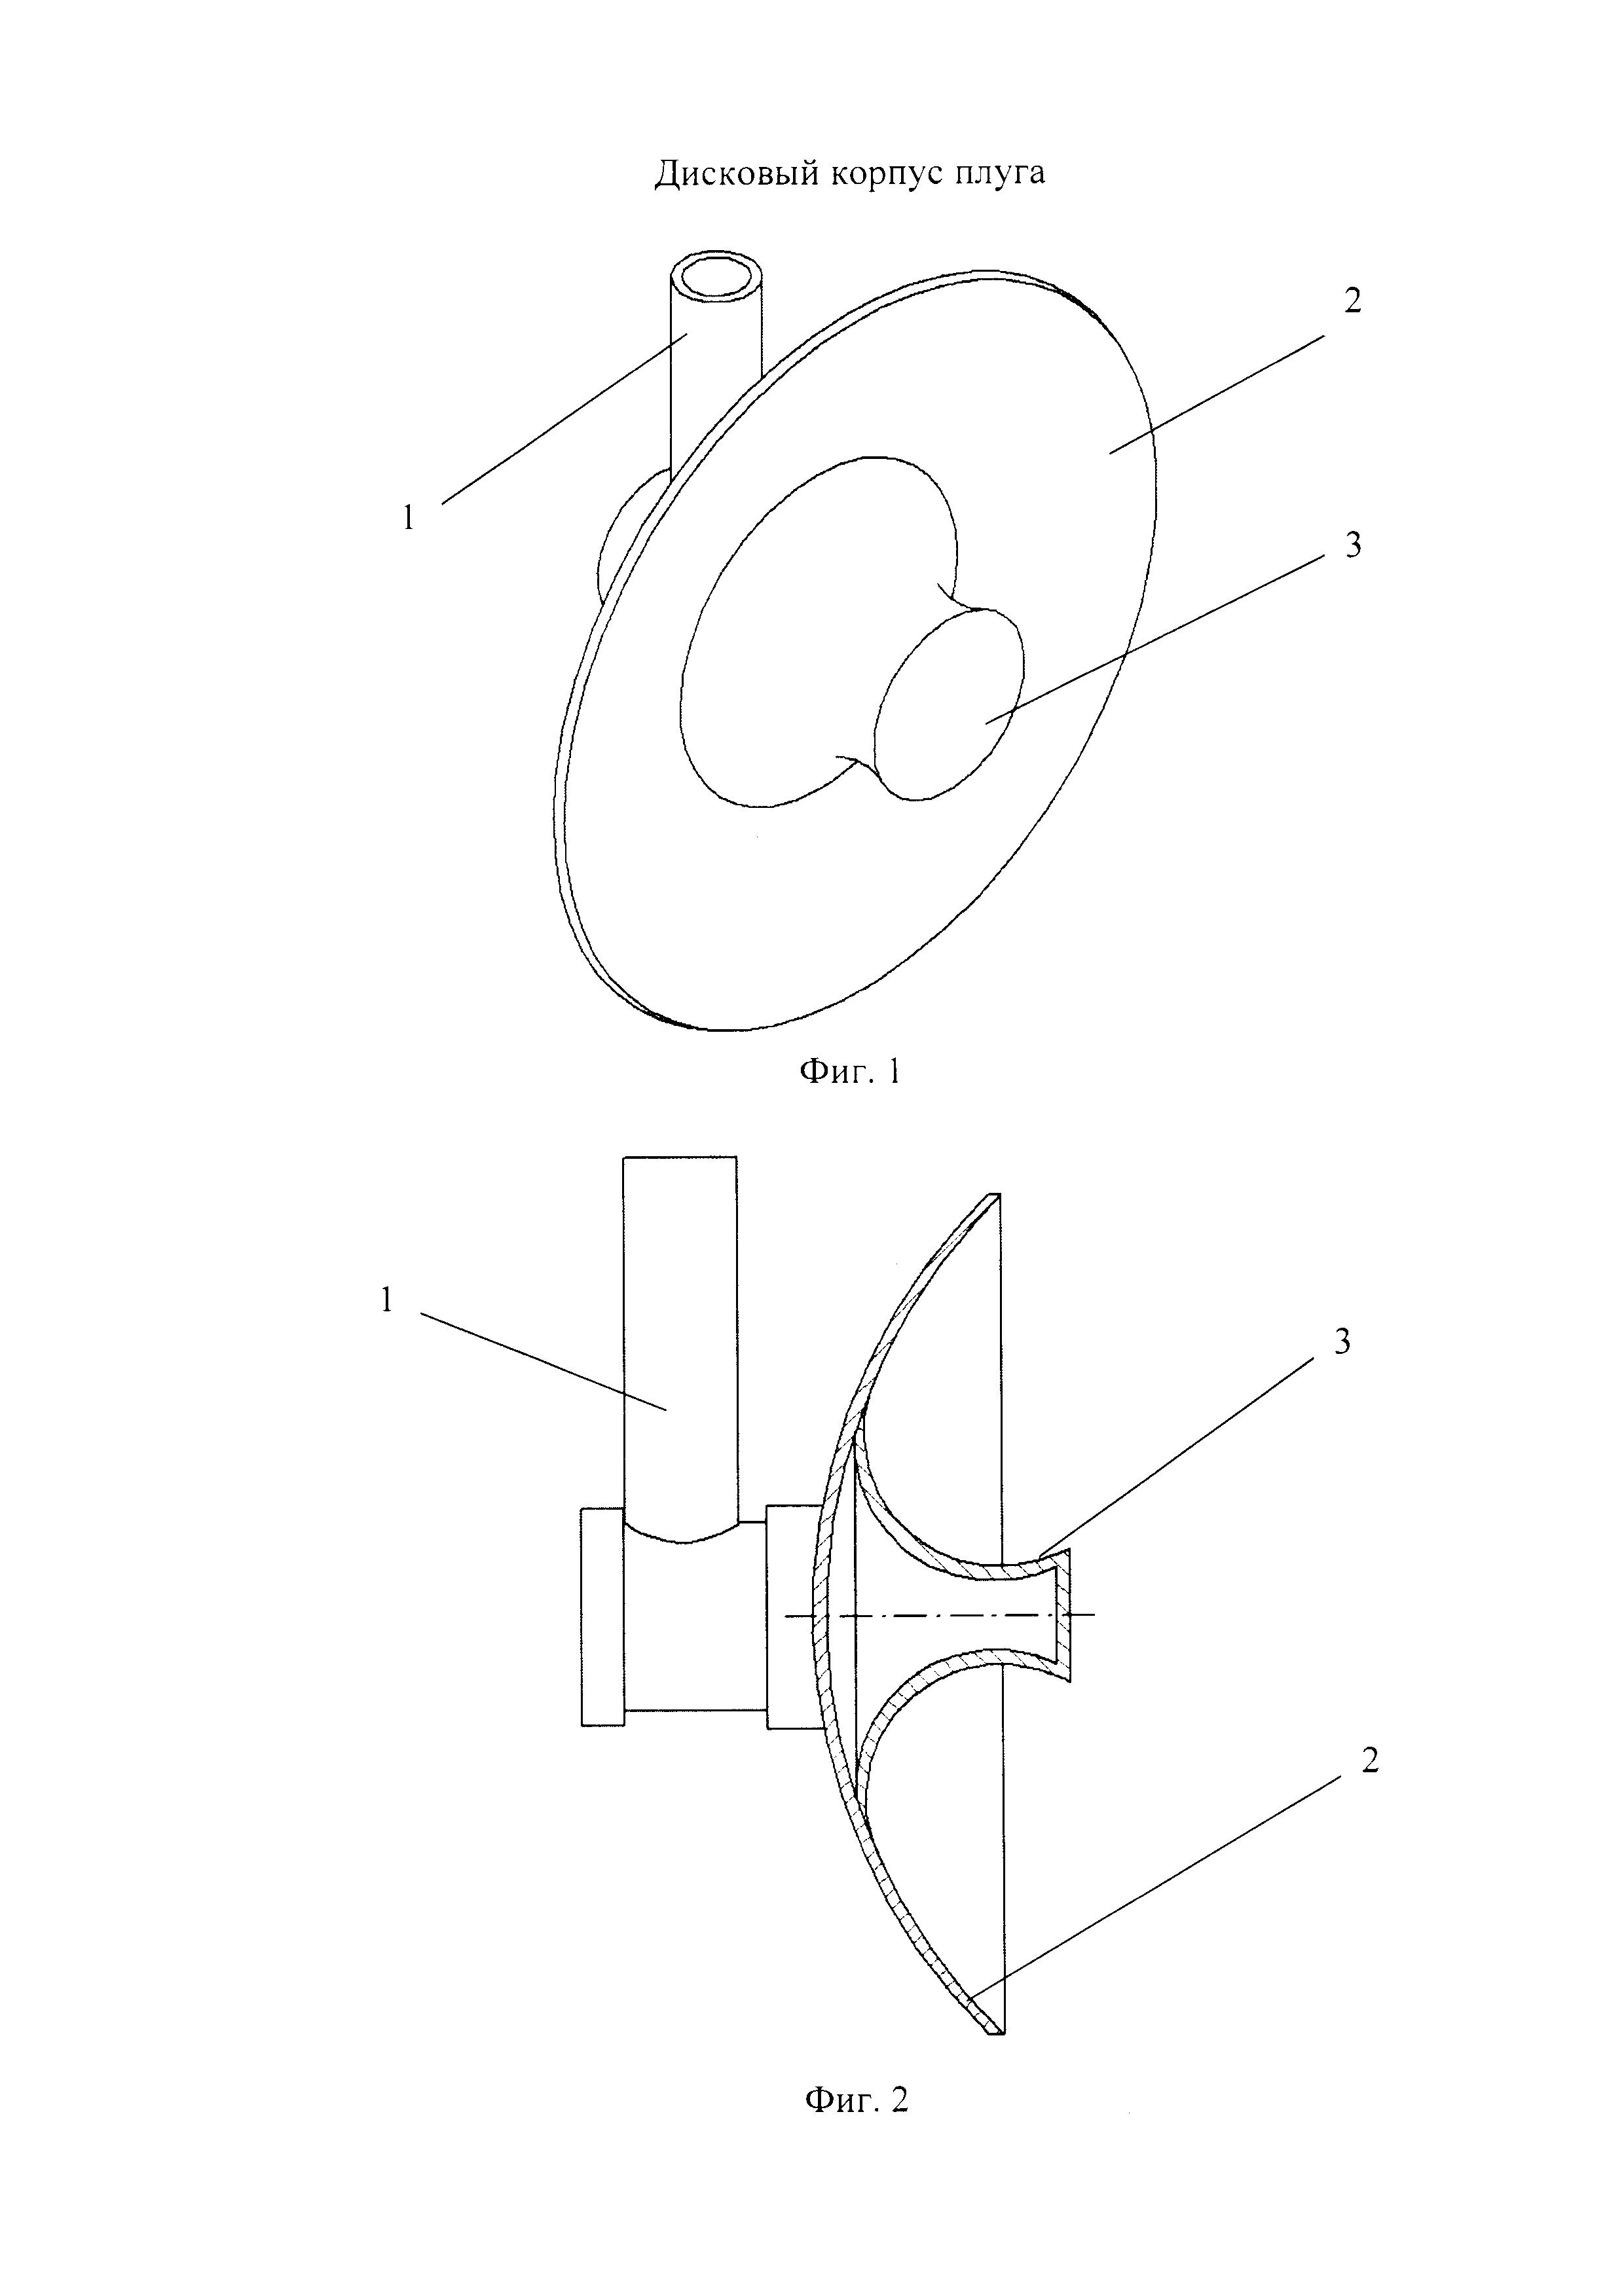 Дисковый корпус плуга